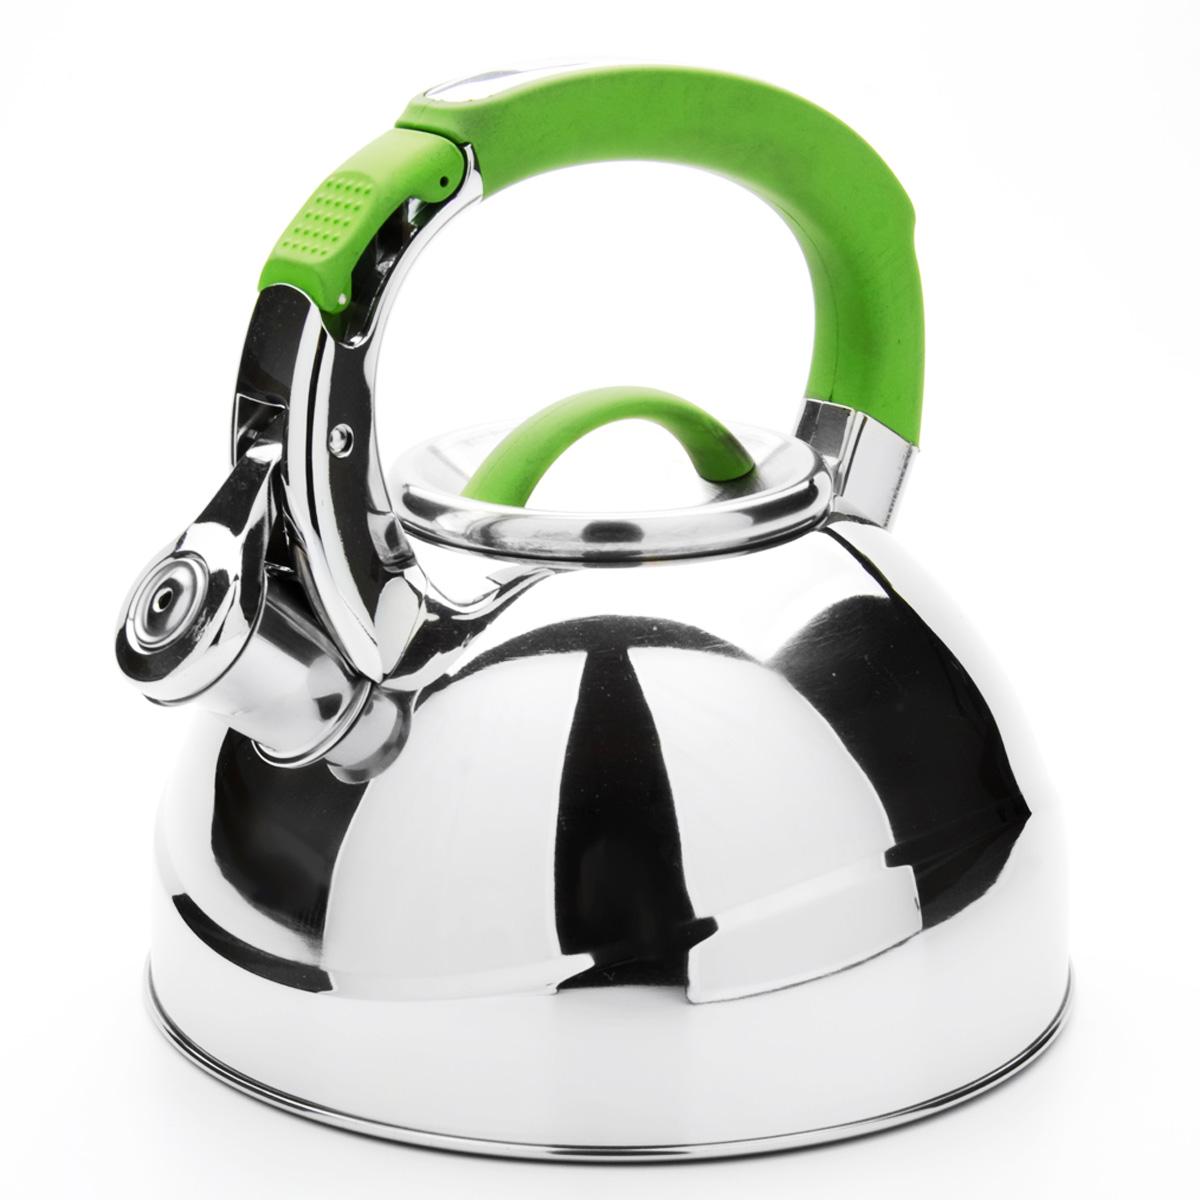 Чайник Mayer & Boch со свистком, цвет: зеленый, 2,7 л. 2358823588Чайник Mayer & Boch выполнен из высококачественной нержавеющей стали, что обеспечивает долговечность использования. Внешнее зеркальное покрытие придает приятный внешний вид. Фиксированная ручка из нейлона делает использование чайника очень удобным и безопасным. Чайник снабжен свистком и устройством для открывания носика, которое находится на ручке. Можно мыть в посудомоечной машине. Пригоден для всех видов плит, включая индукционные.